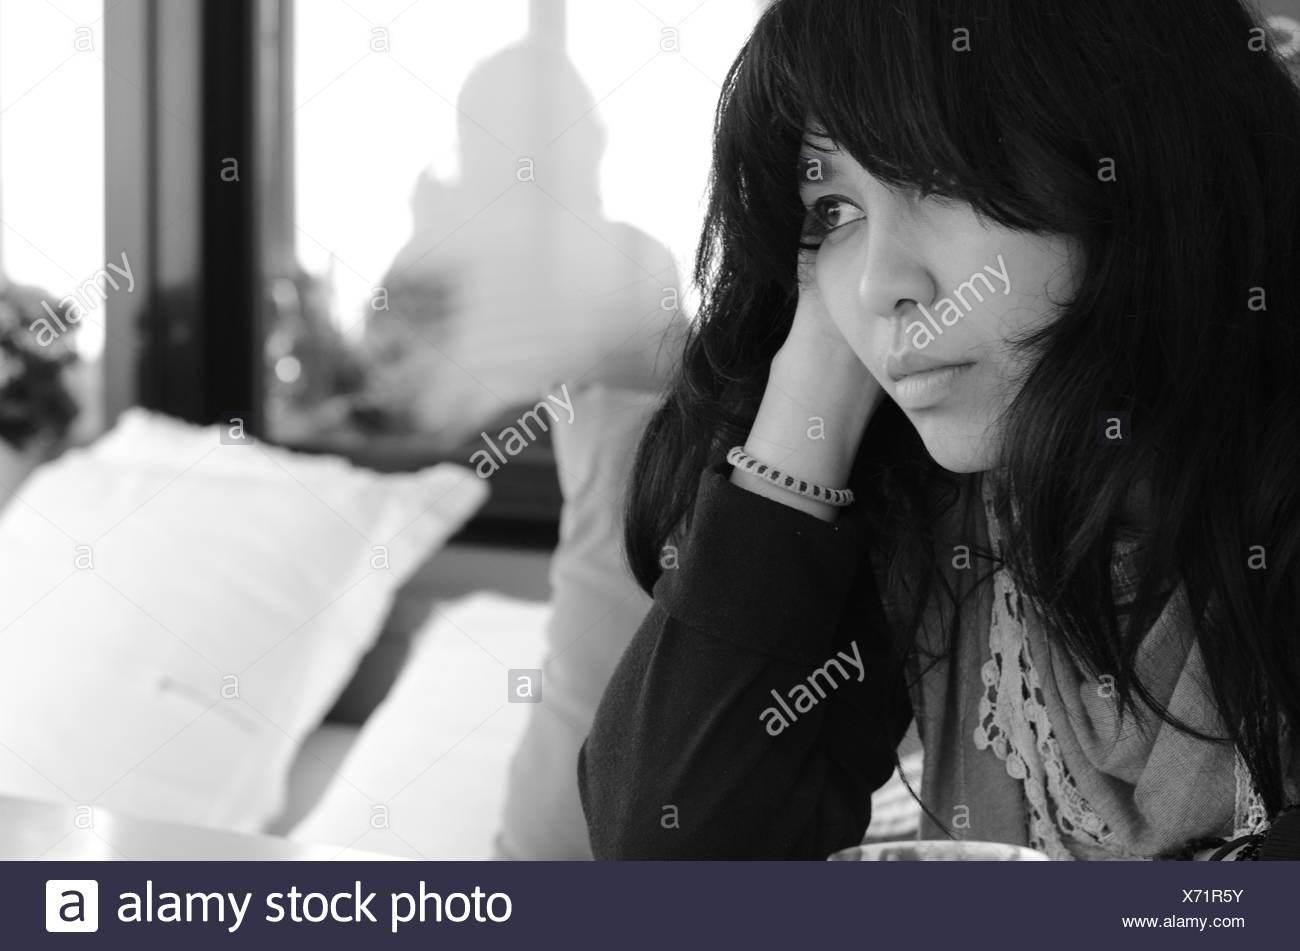 Ritratto di donna seduta su un divano Immagini Stock